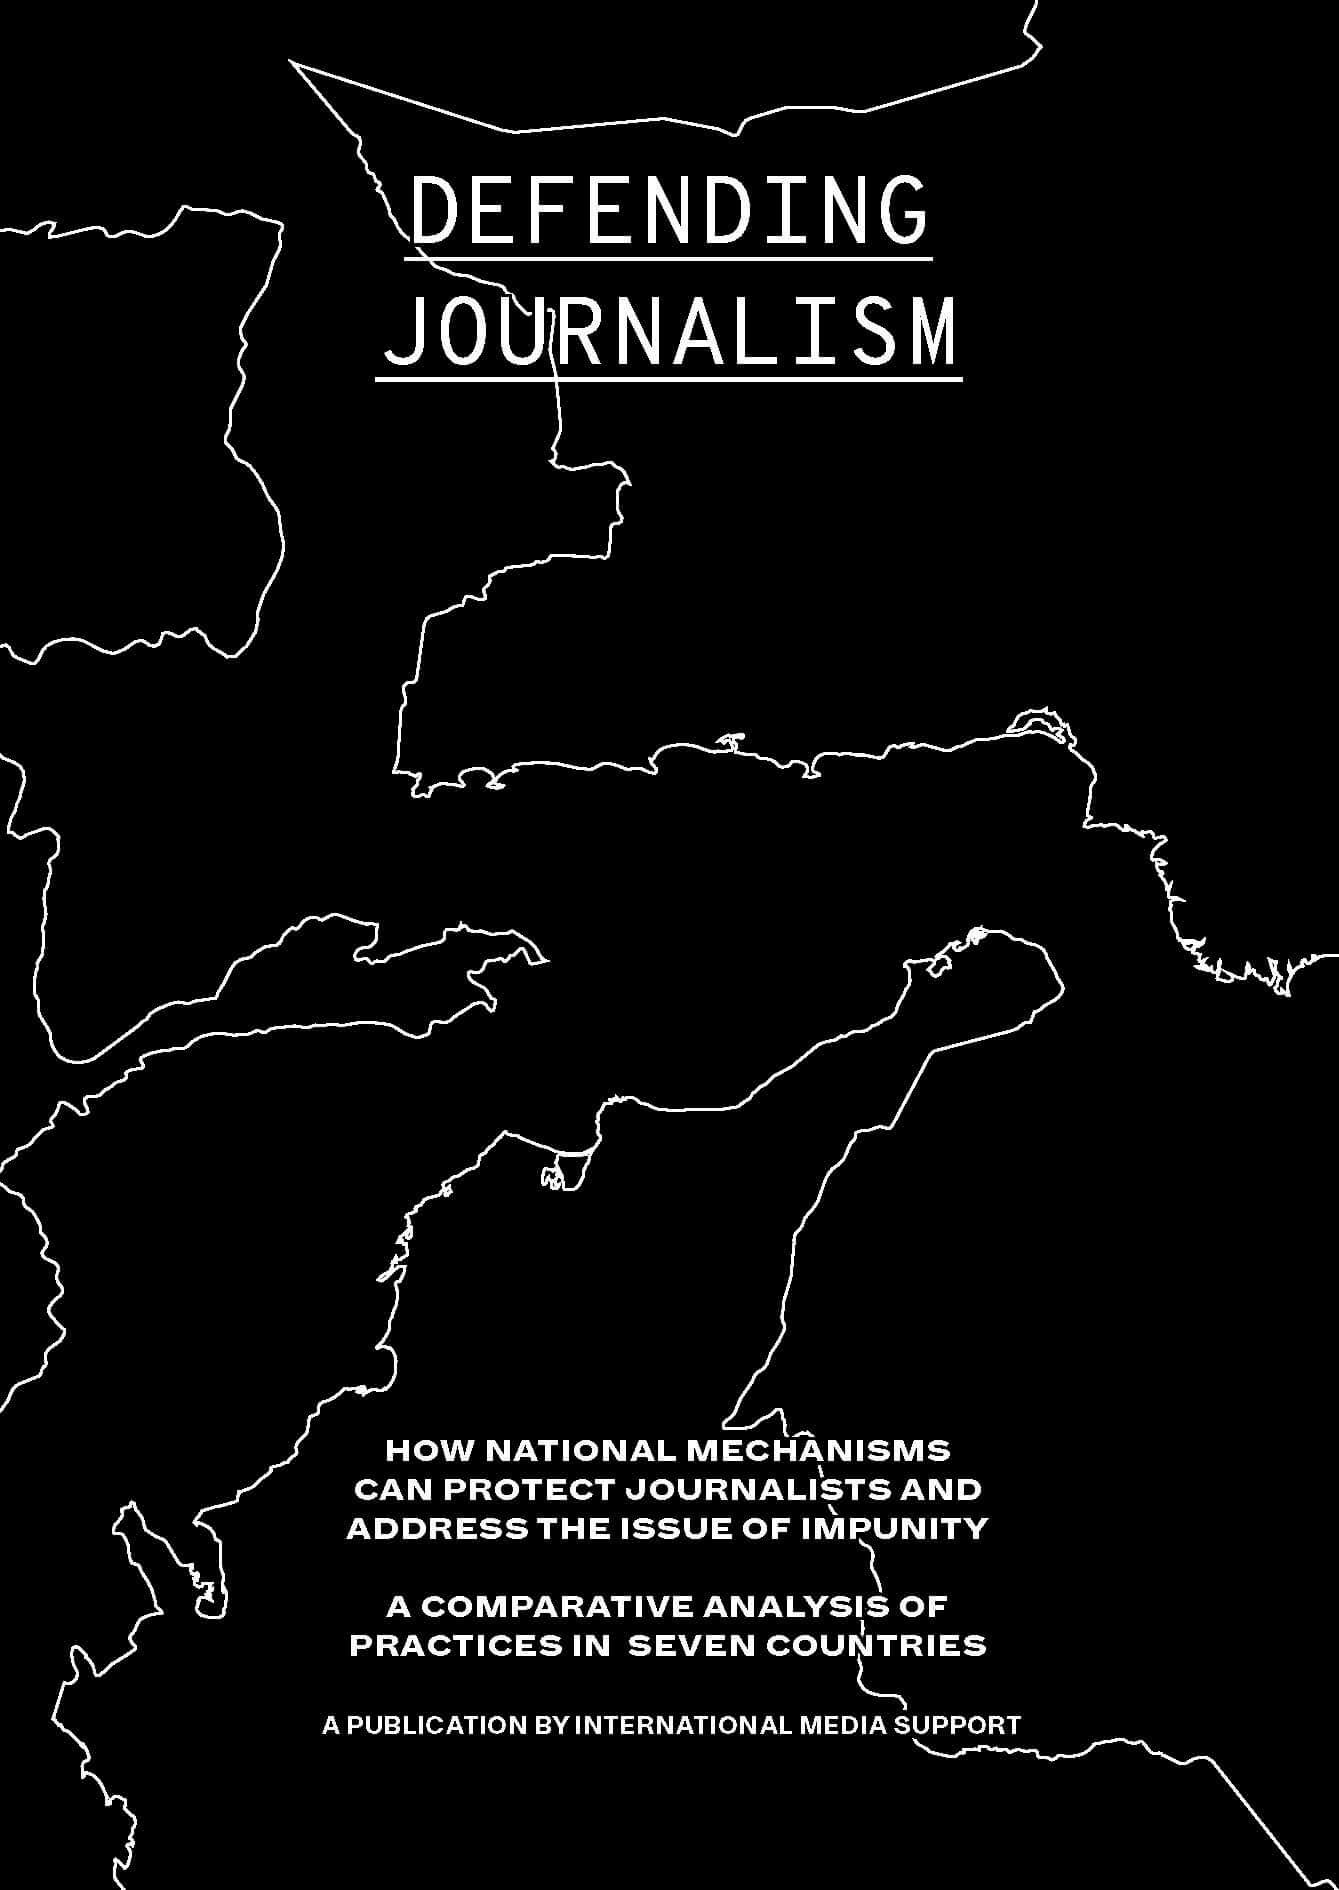 Defending Journalism